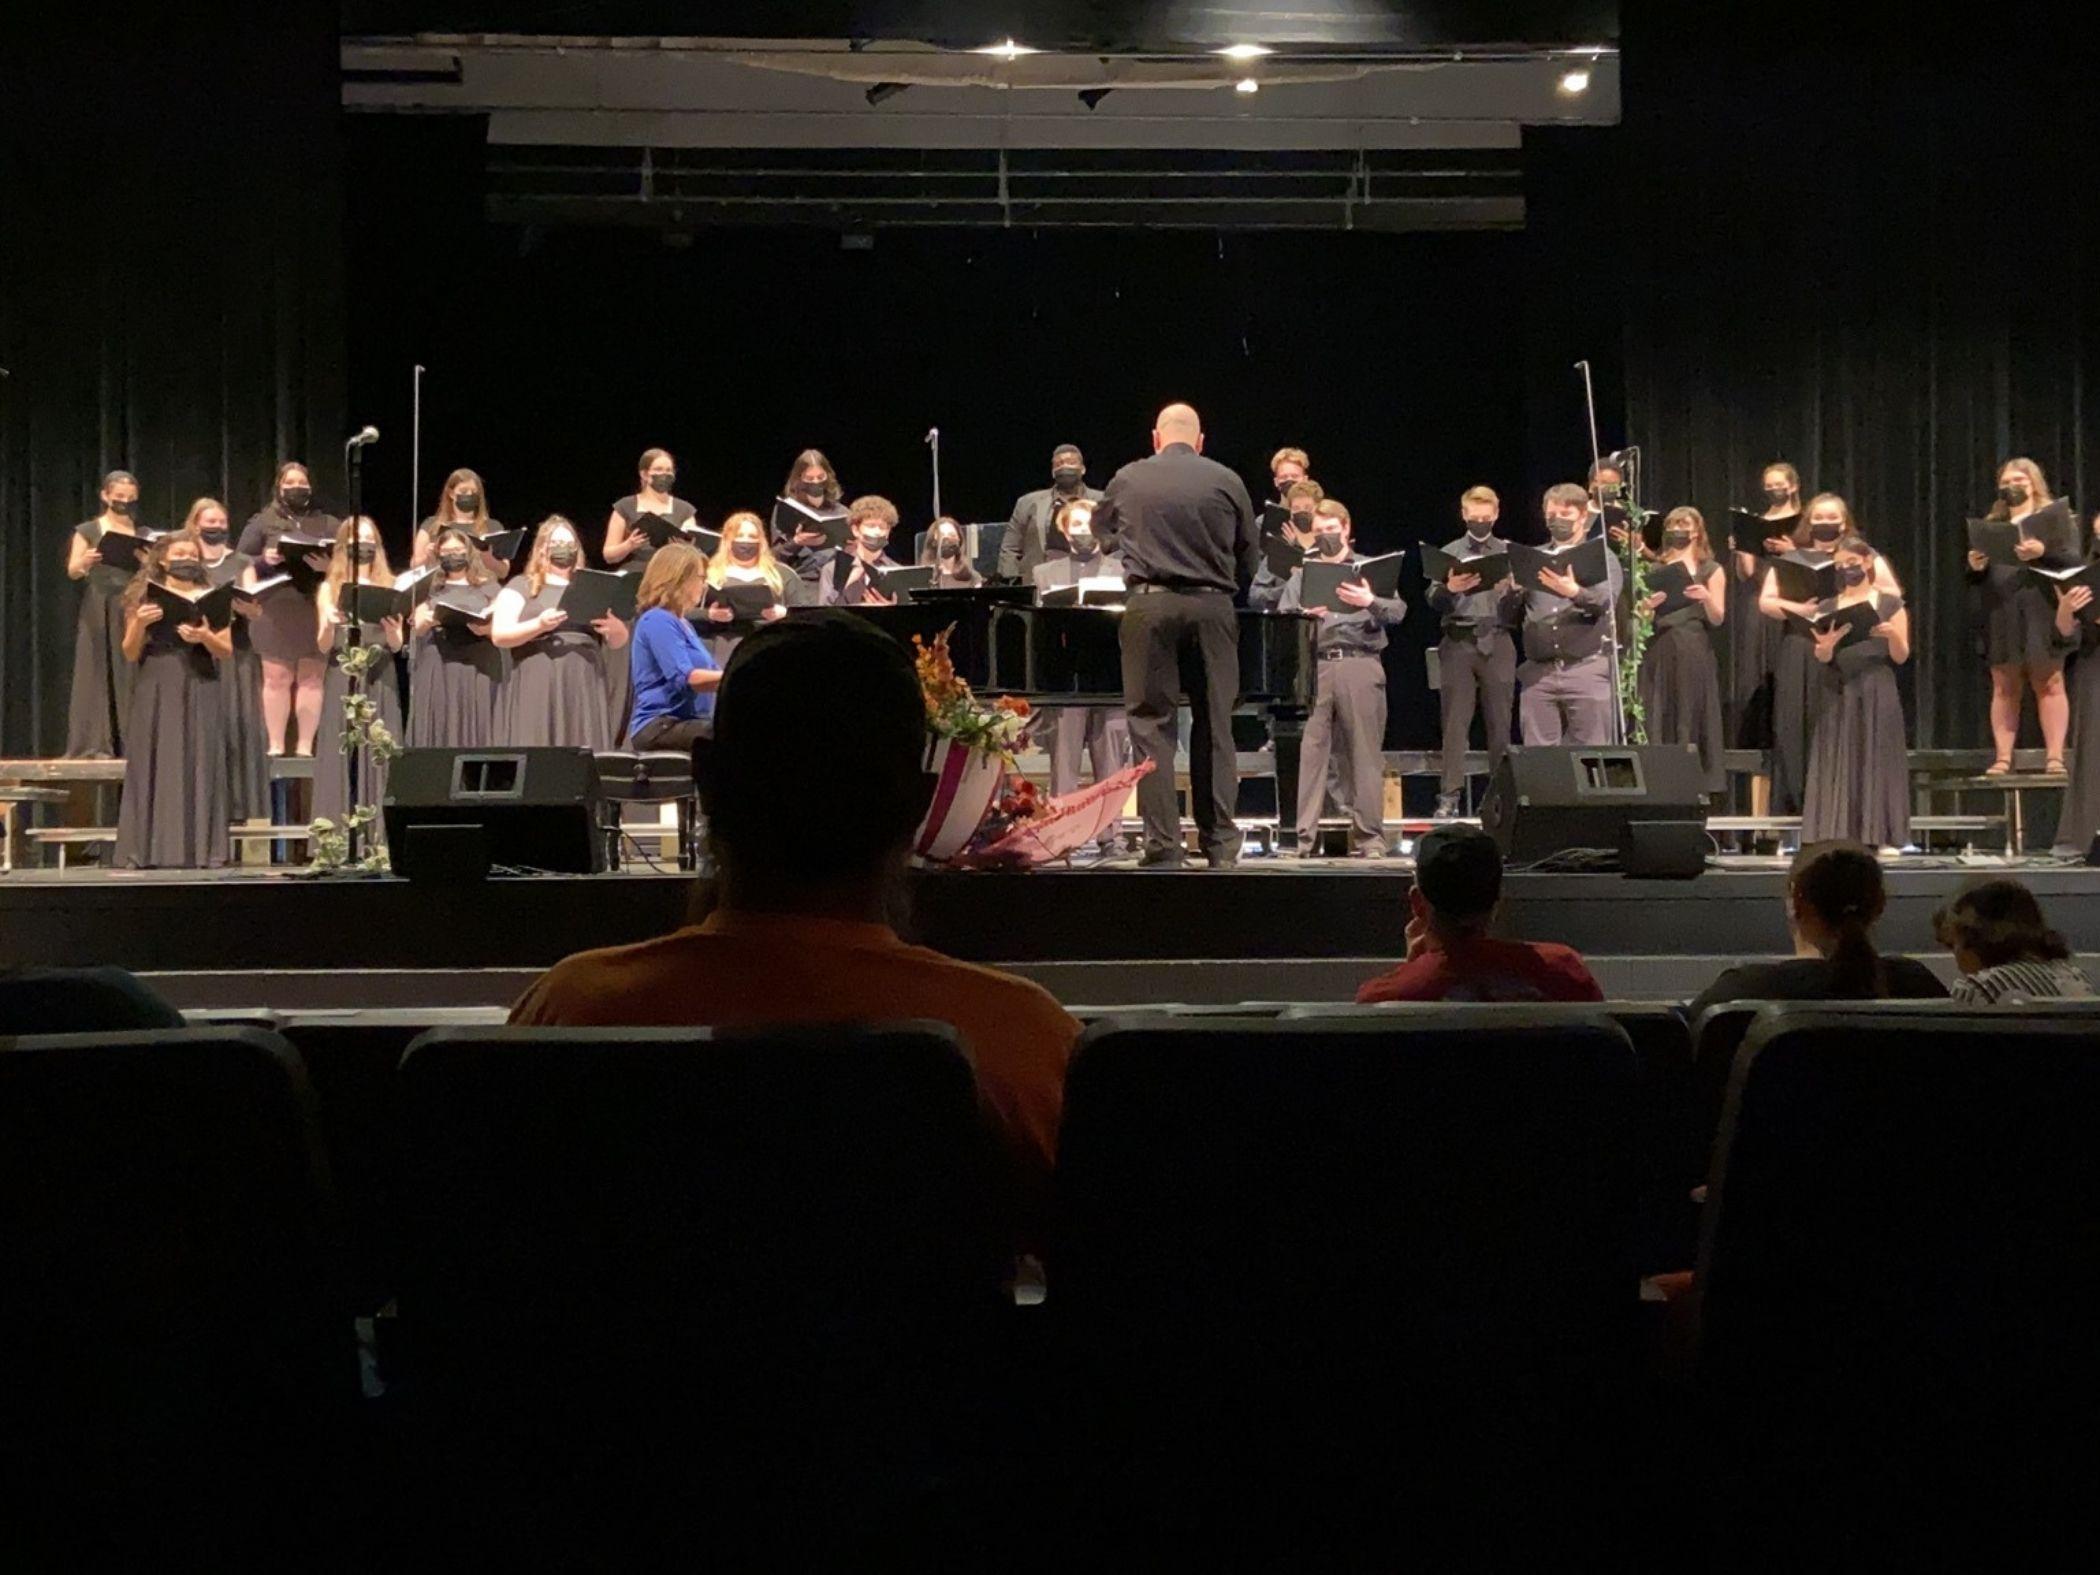 High School Choir on stage in auditorium